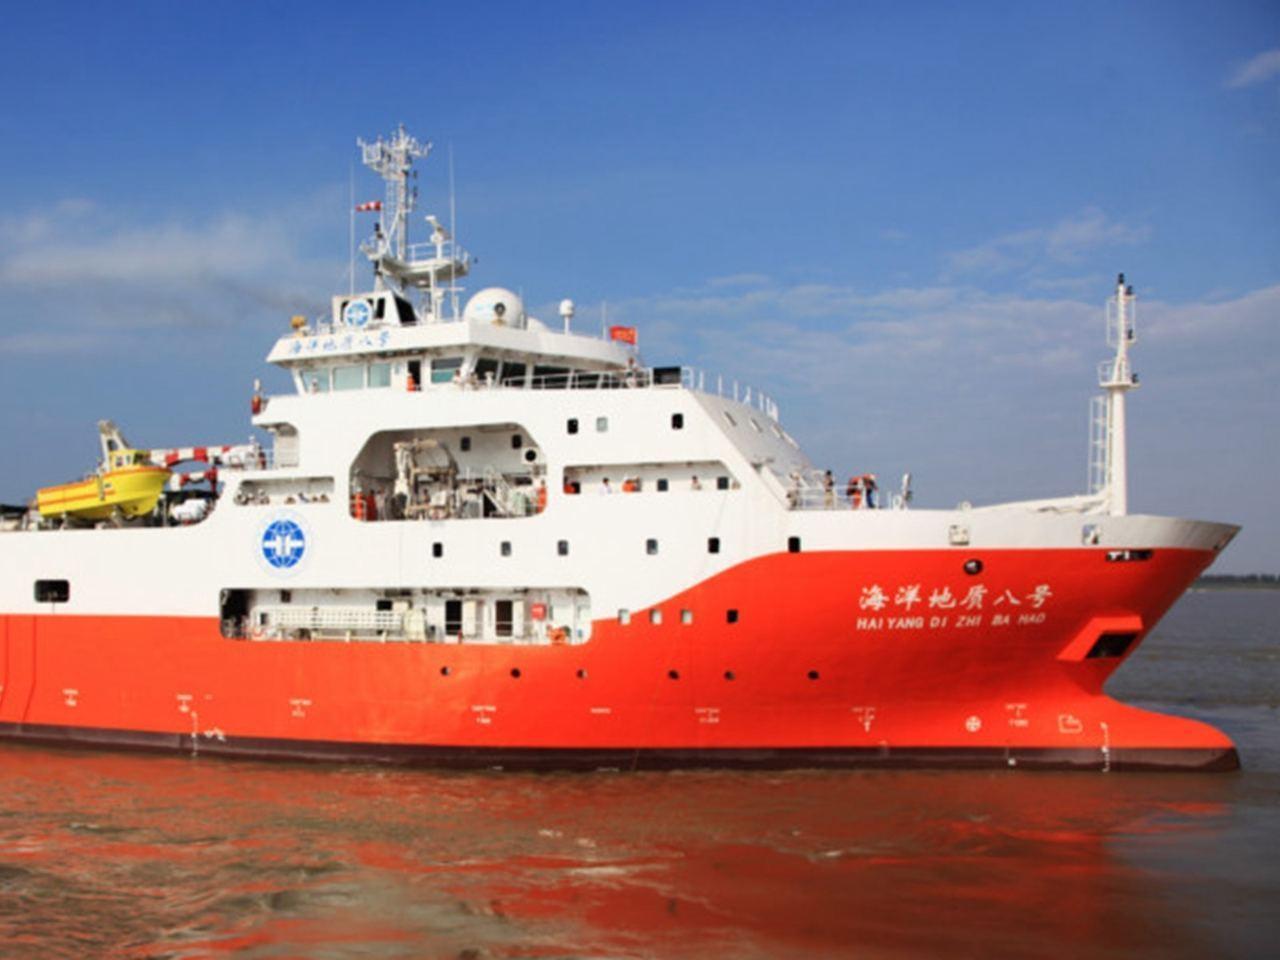 中國石油勘探船「海洋地質八」號進入南沙群島萬安灘勘探,引發中越兩國激烈對峙。(取...